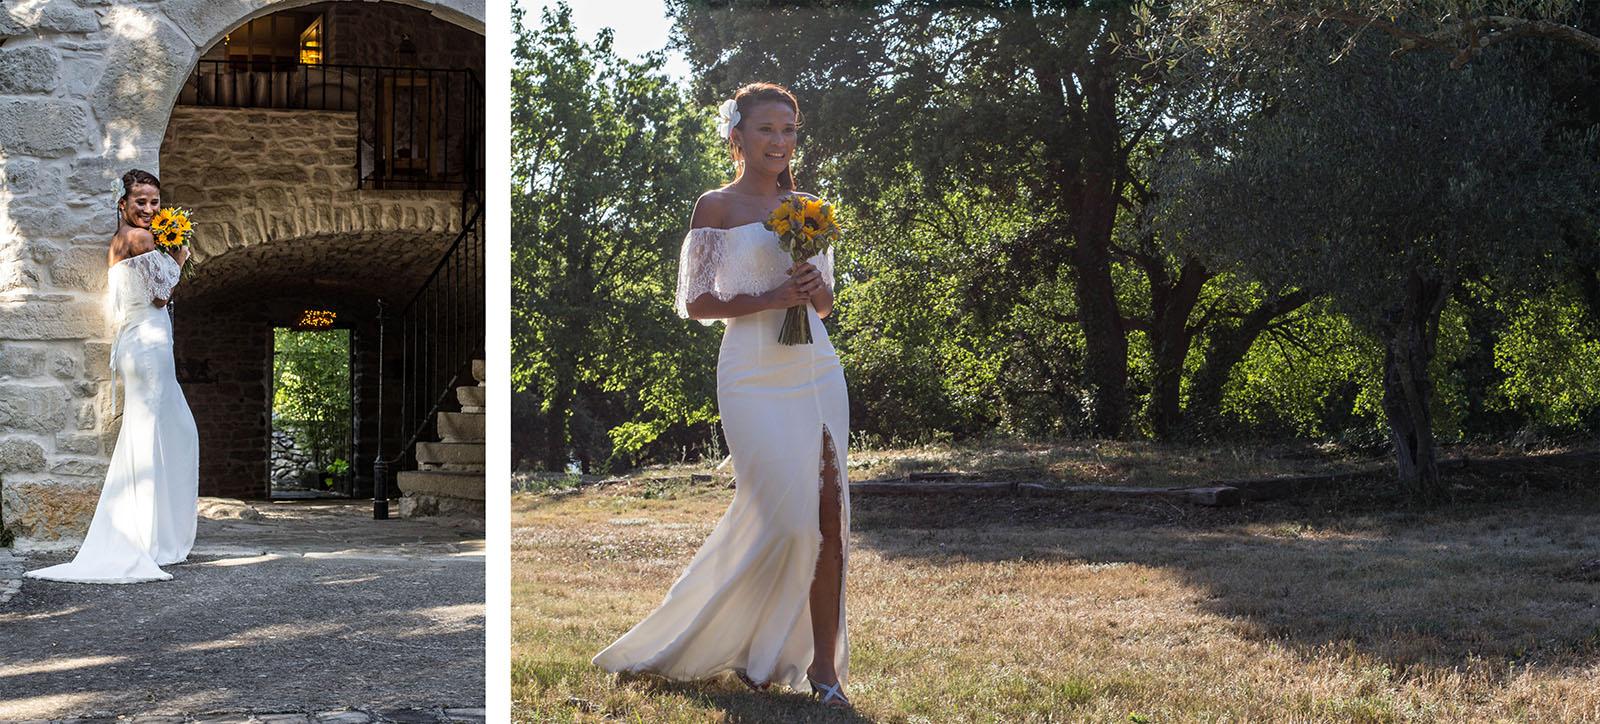 photographe mariage au comptoir saint hilaire Portrait de la mariée au comptoir saint hilaire. Photo réalisée par Castille ALMA photographe de mariage au Comptoir Saint Hilaire dans le Gard.